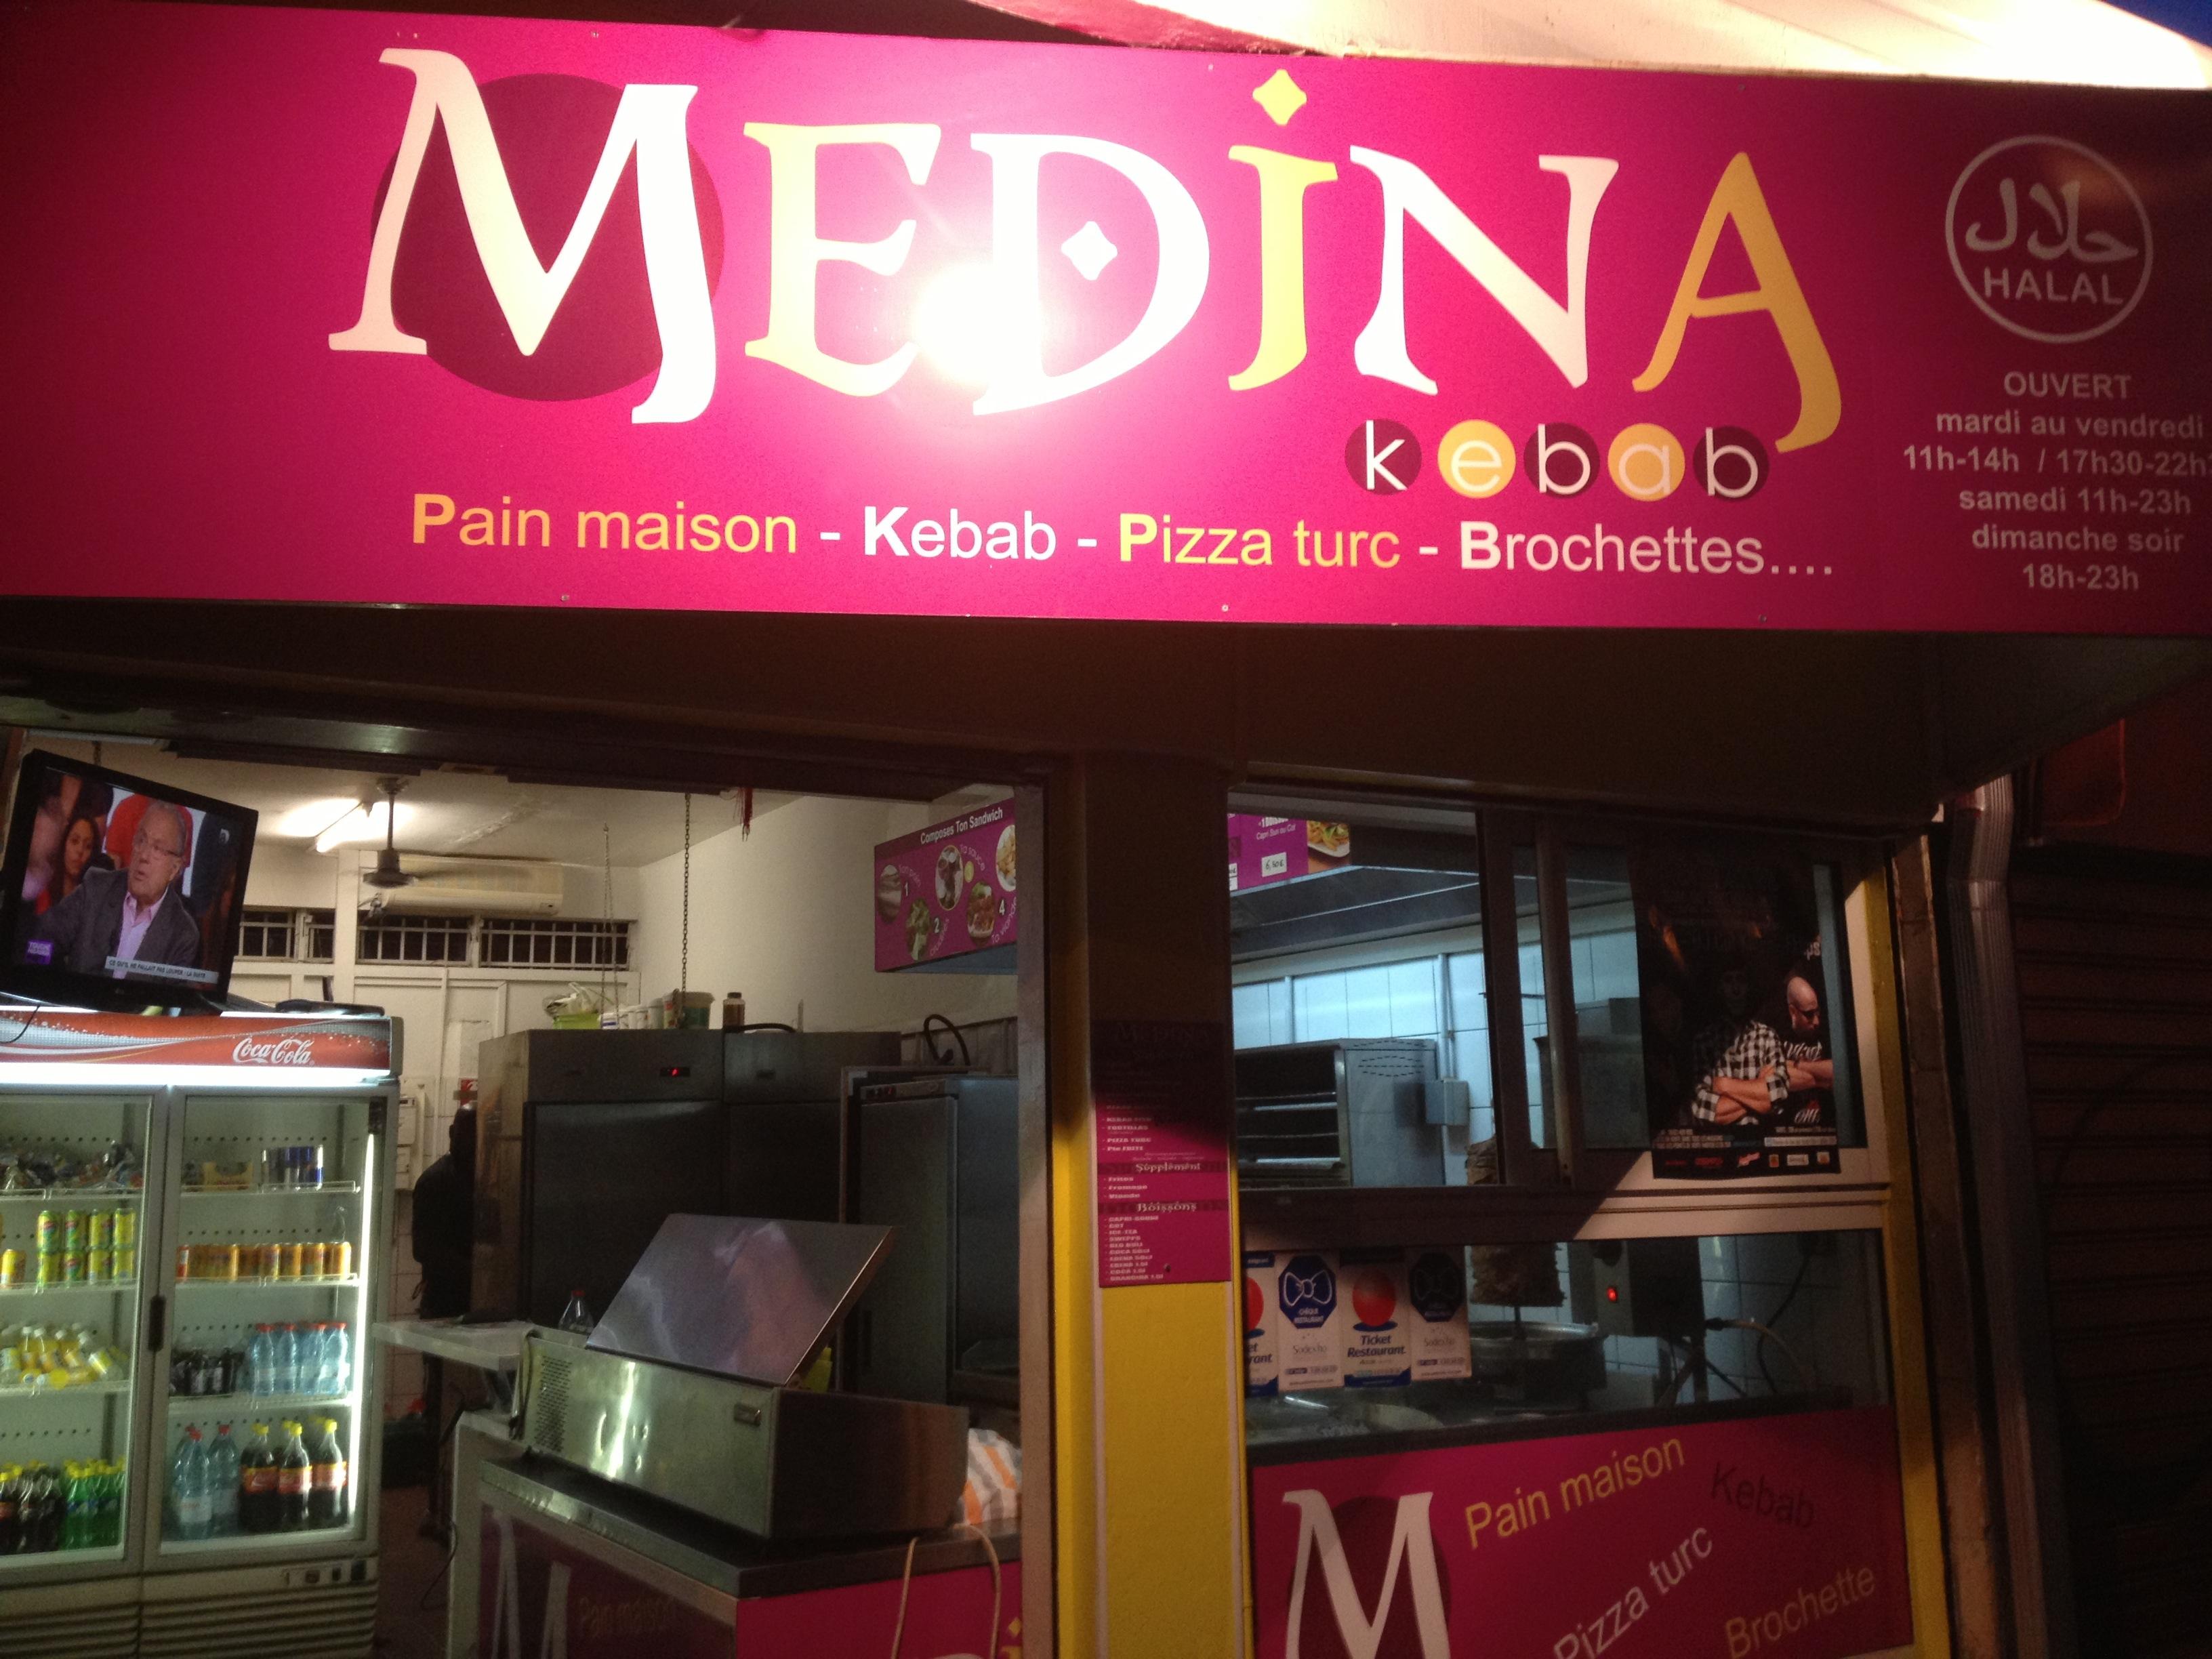 Medina Kebab Saint-Pierre